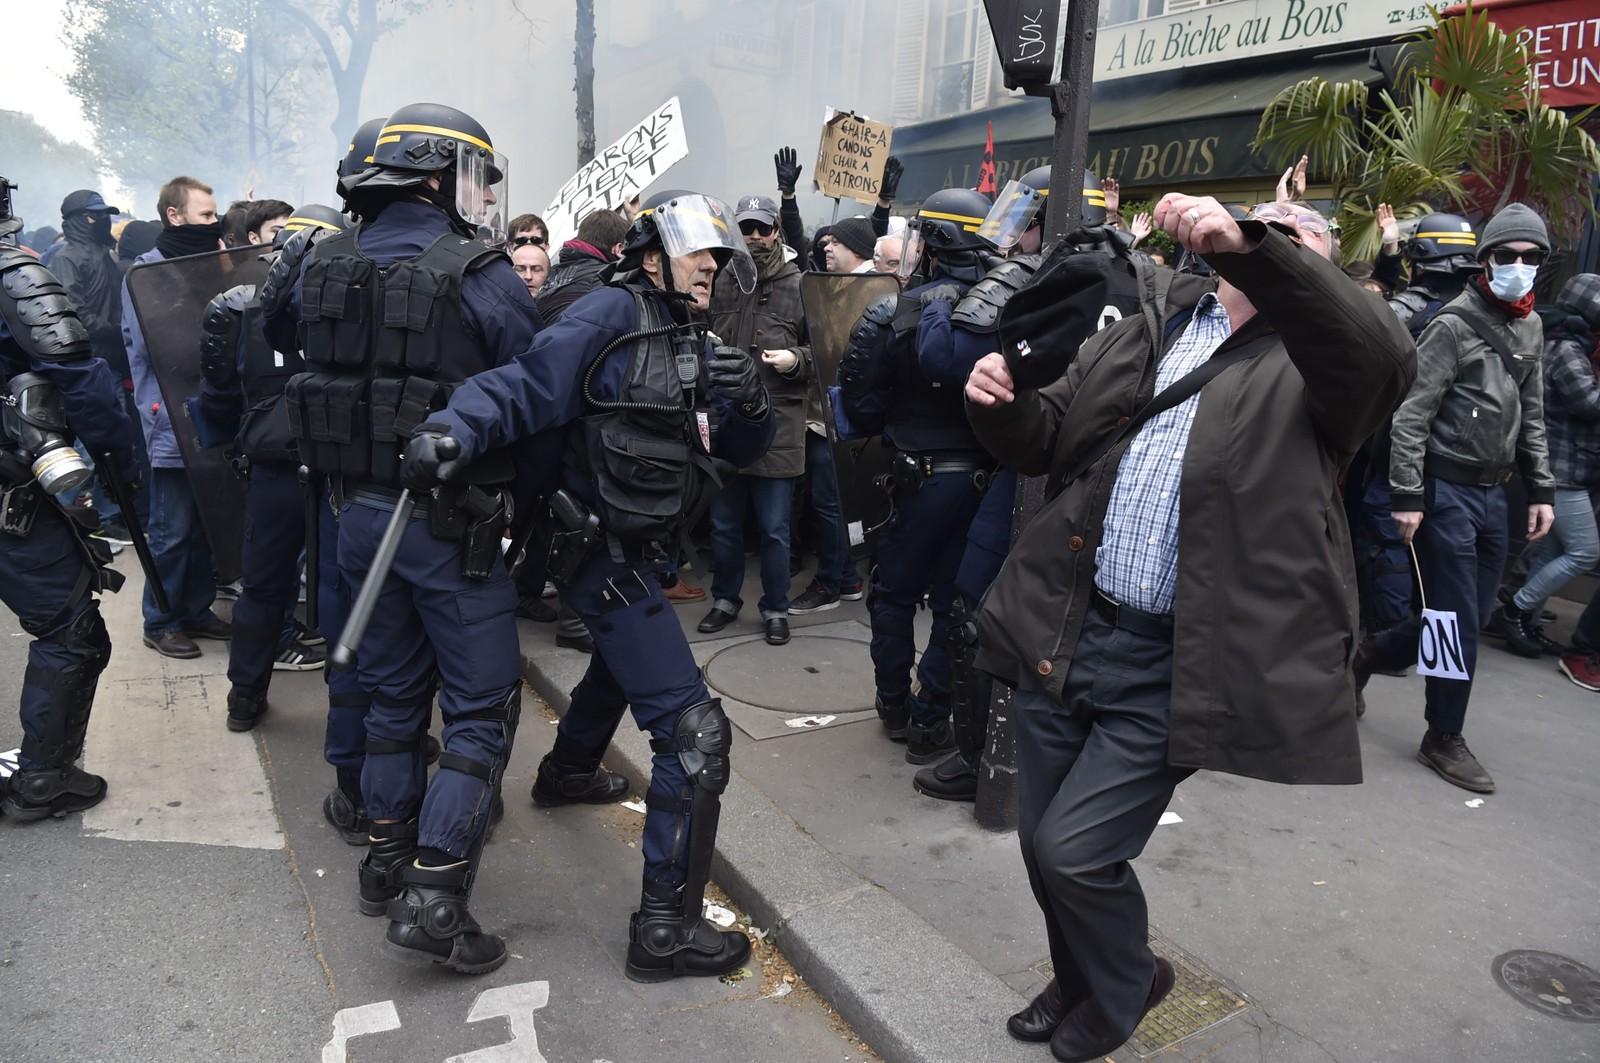 Det gikk delvis voldsomt for seg da opprørspoliti og demonstranter støtte sammen i Paris torsdag. De siste ukene har arbeidere og studenter demonstrert flere steder i Frankrike mot myndighetenes planlagte arbeidsreformer. Det er varslet flere demonstrasjoner og streik i fly- og transportsektoren den kommende tiden.